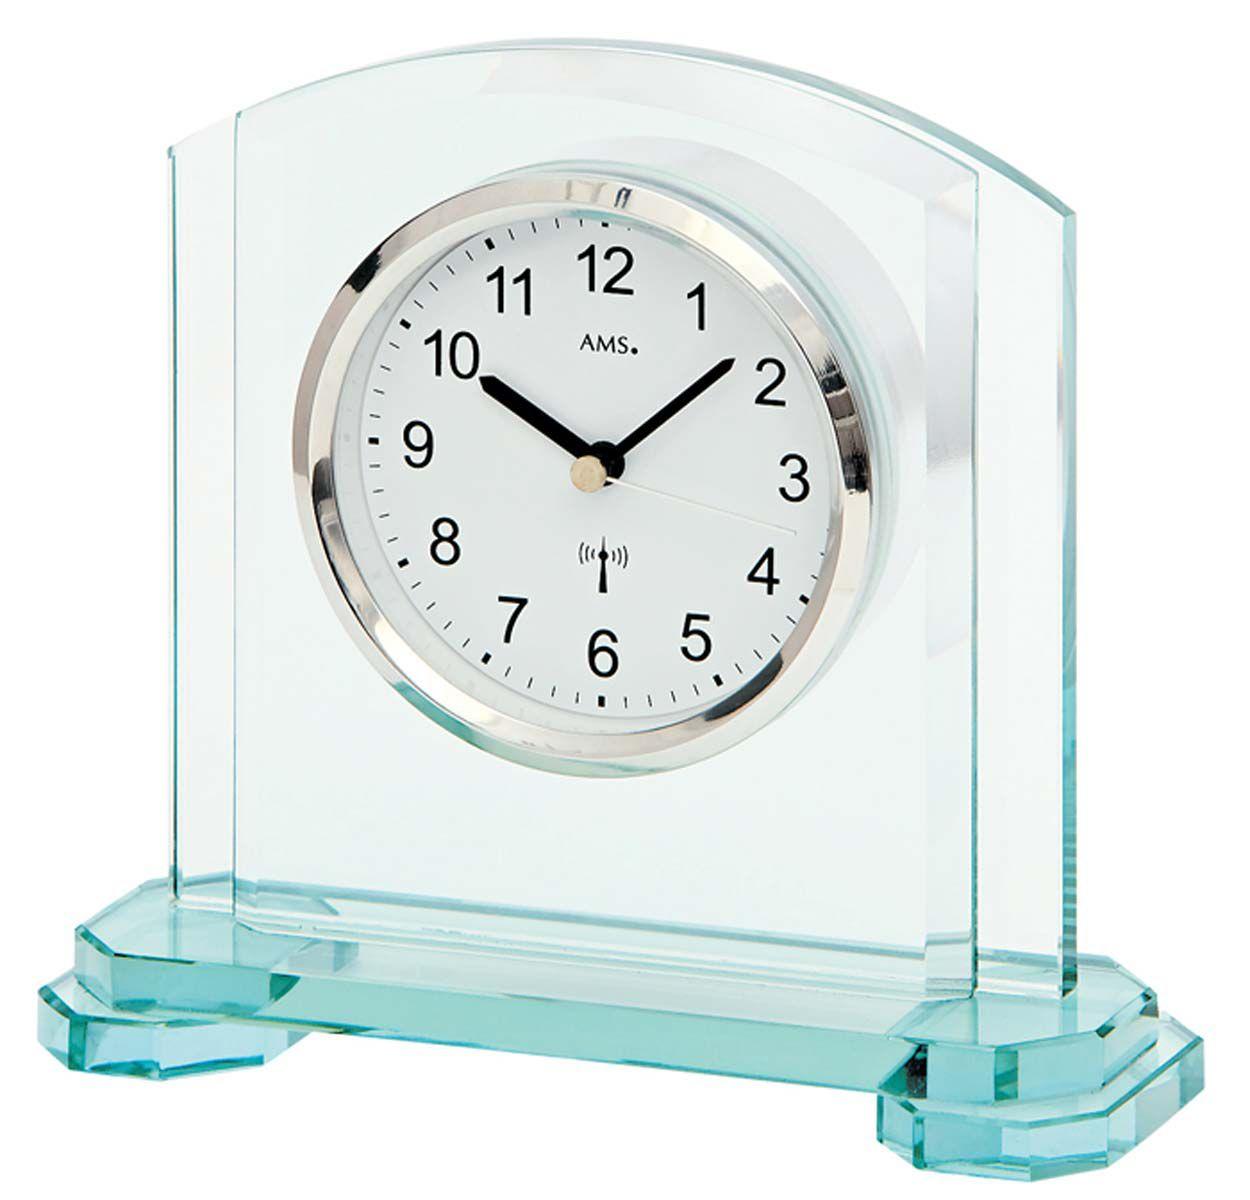 Stolní luxusní hodiny AMS 5148 rádiem řízené skleněné